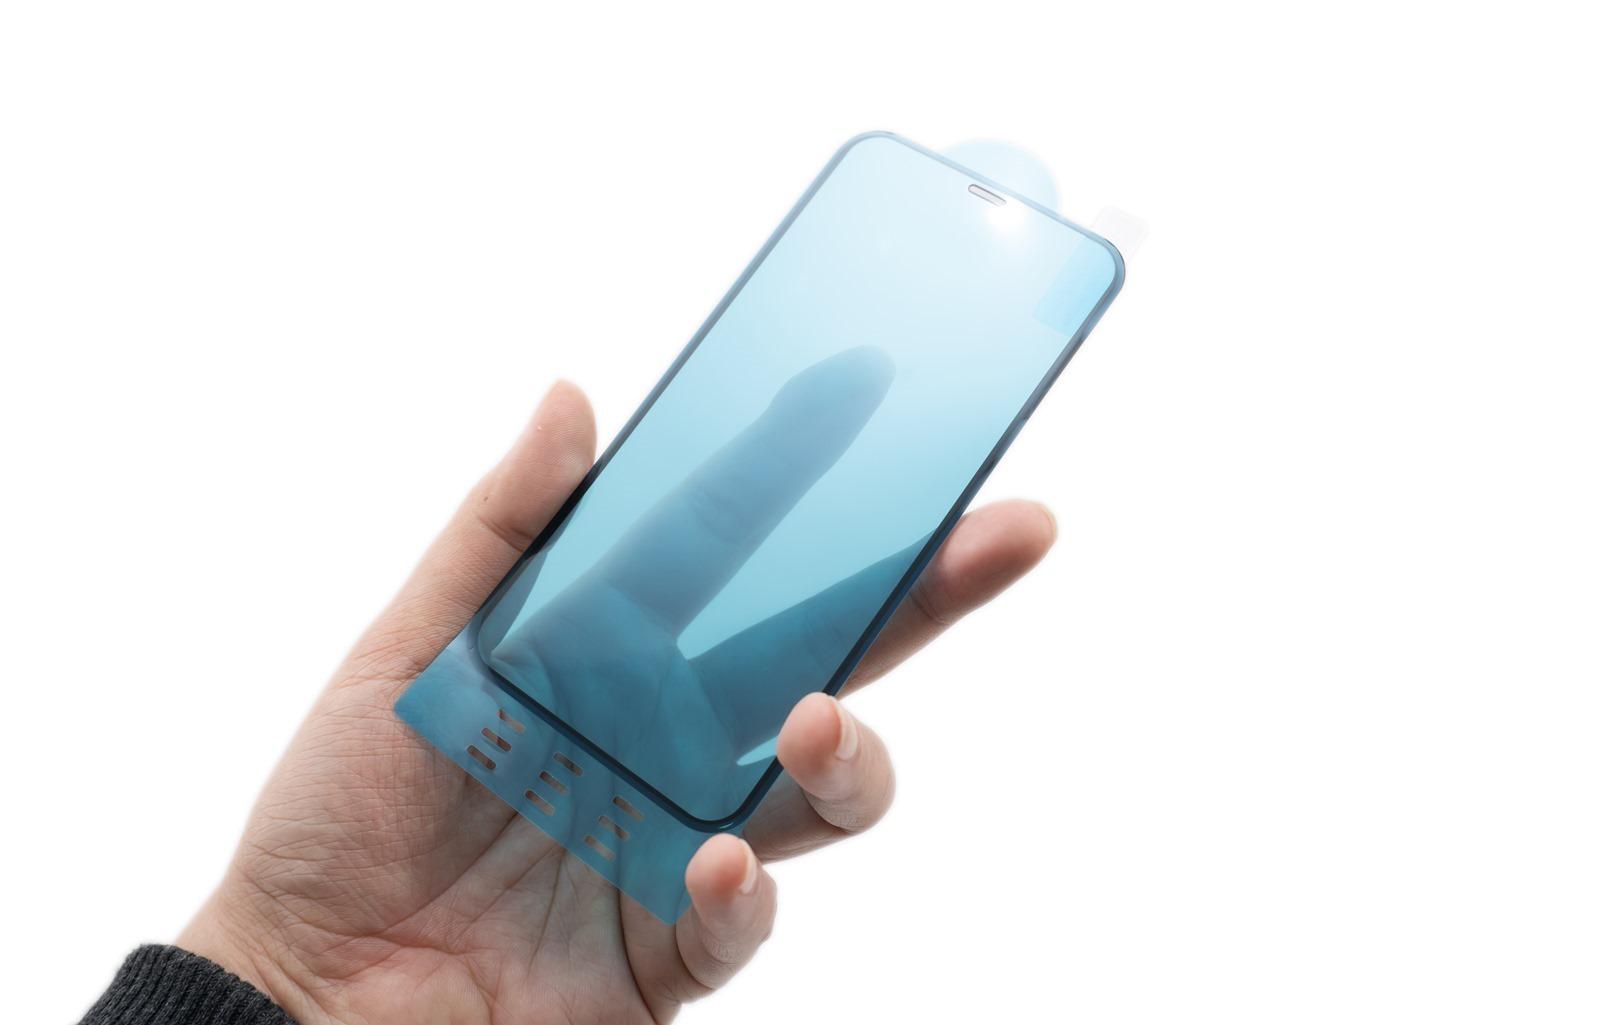 【開箱】以柔克剛!KINGSUNG金爽9H保護貼,柔性玻璃防撞耐刮抗指紋、輕薄堅固!